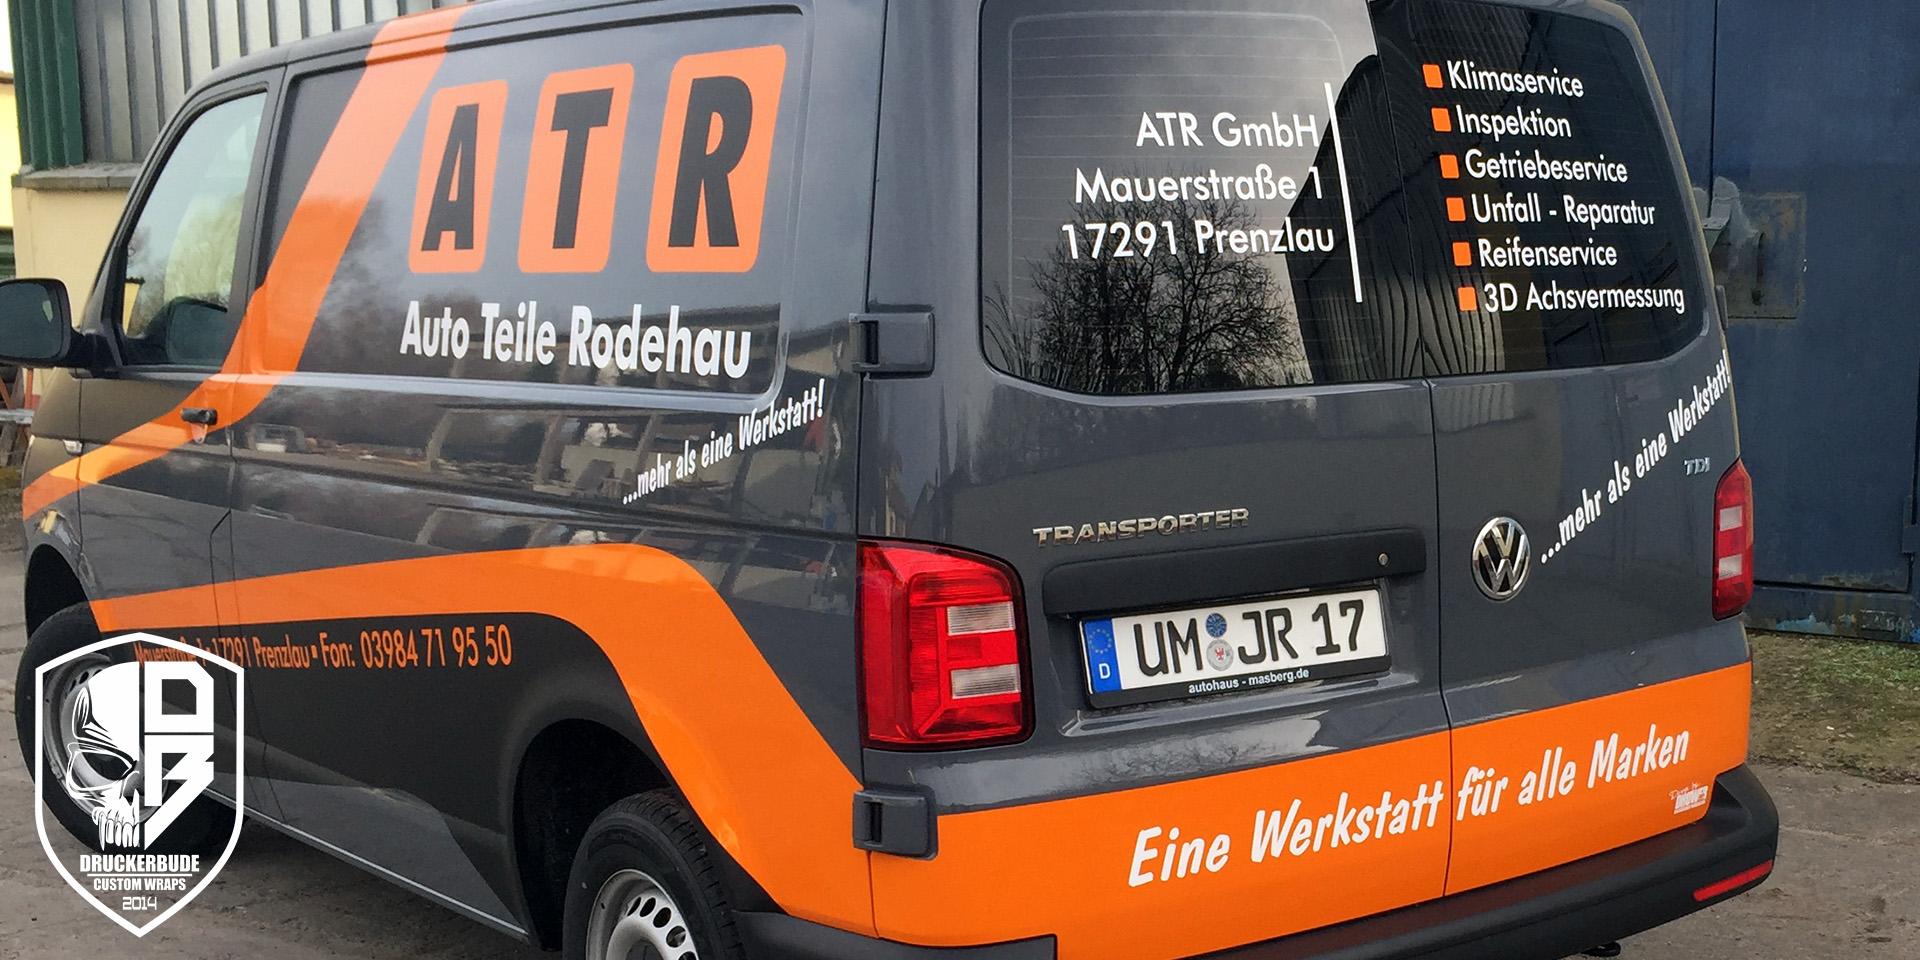 ATR 8